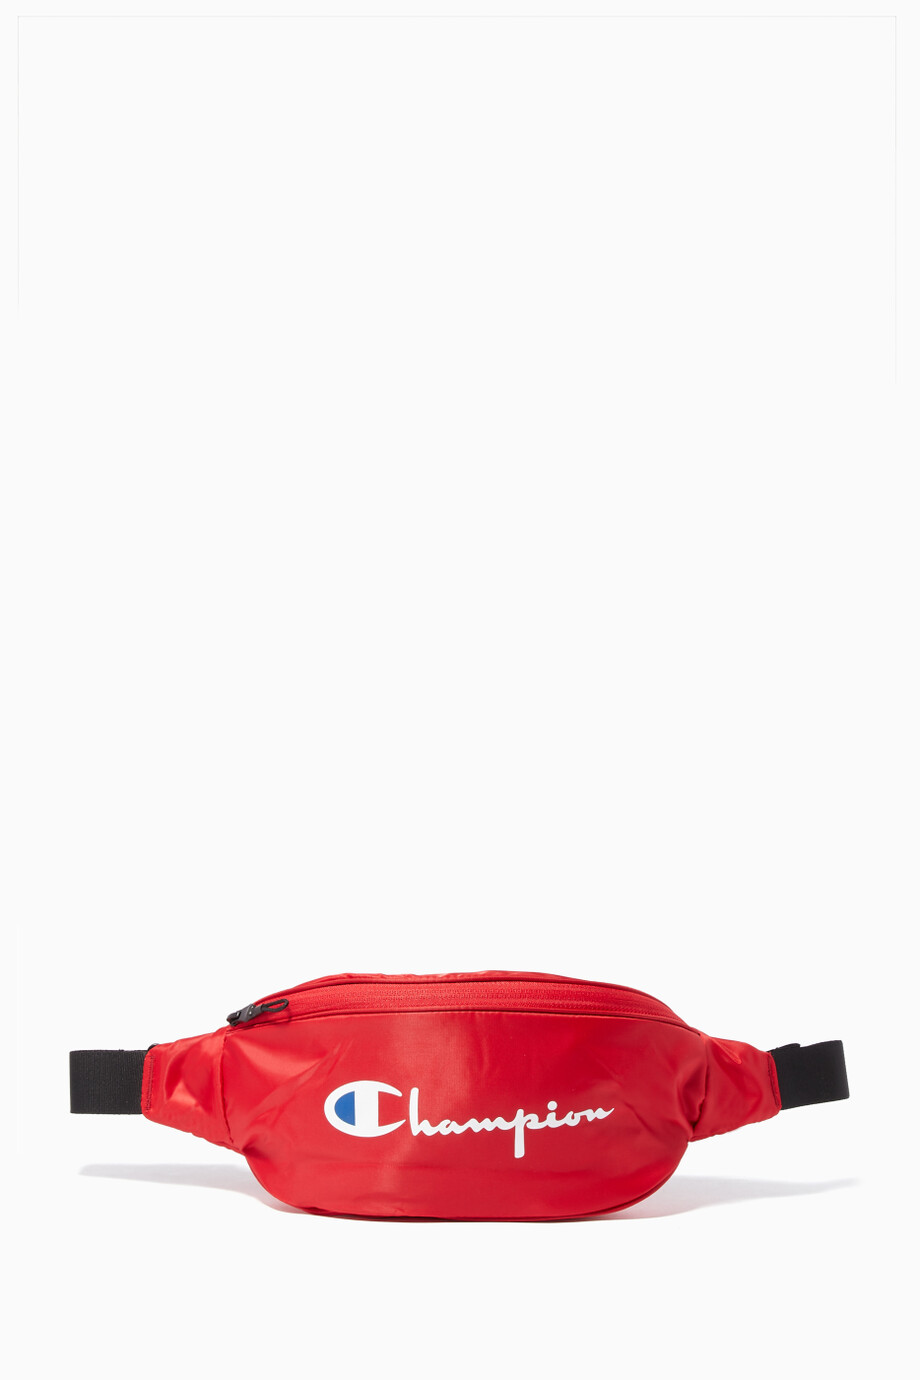 50cf3923c39257 Shop Champion Red Logo Print Belt Bag for Women | Ounass